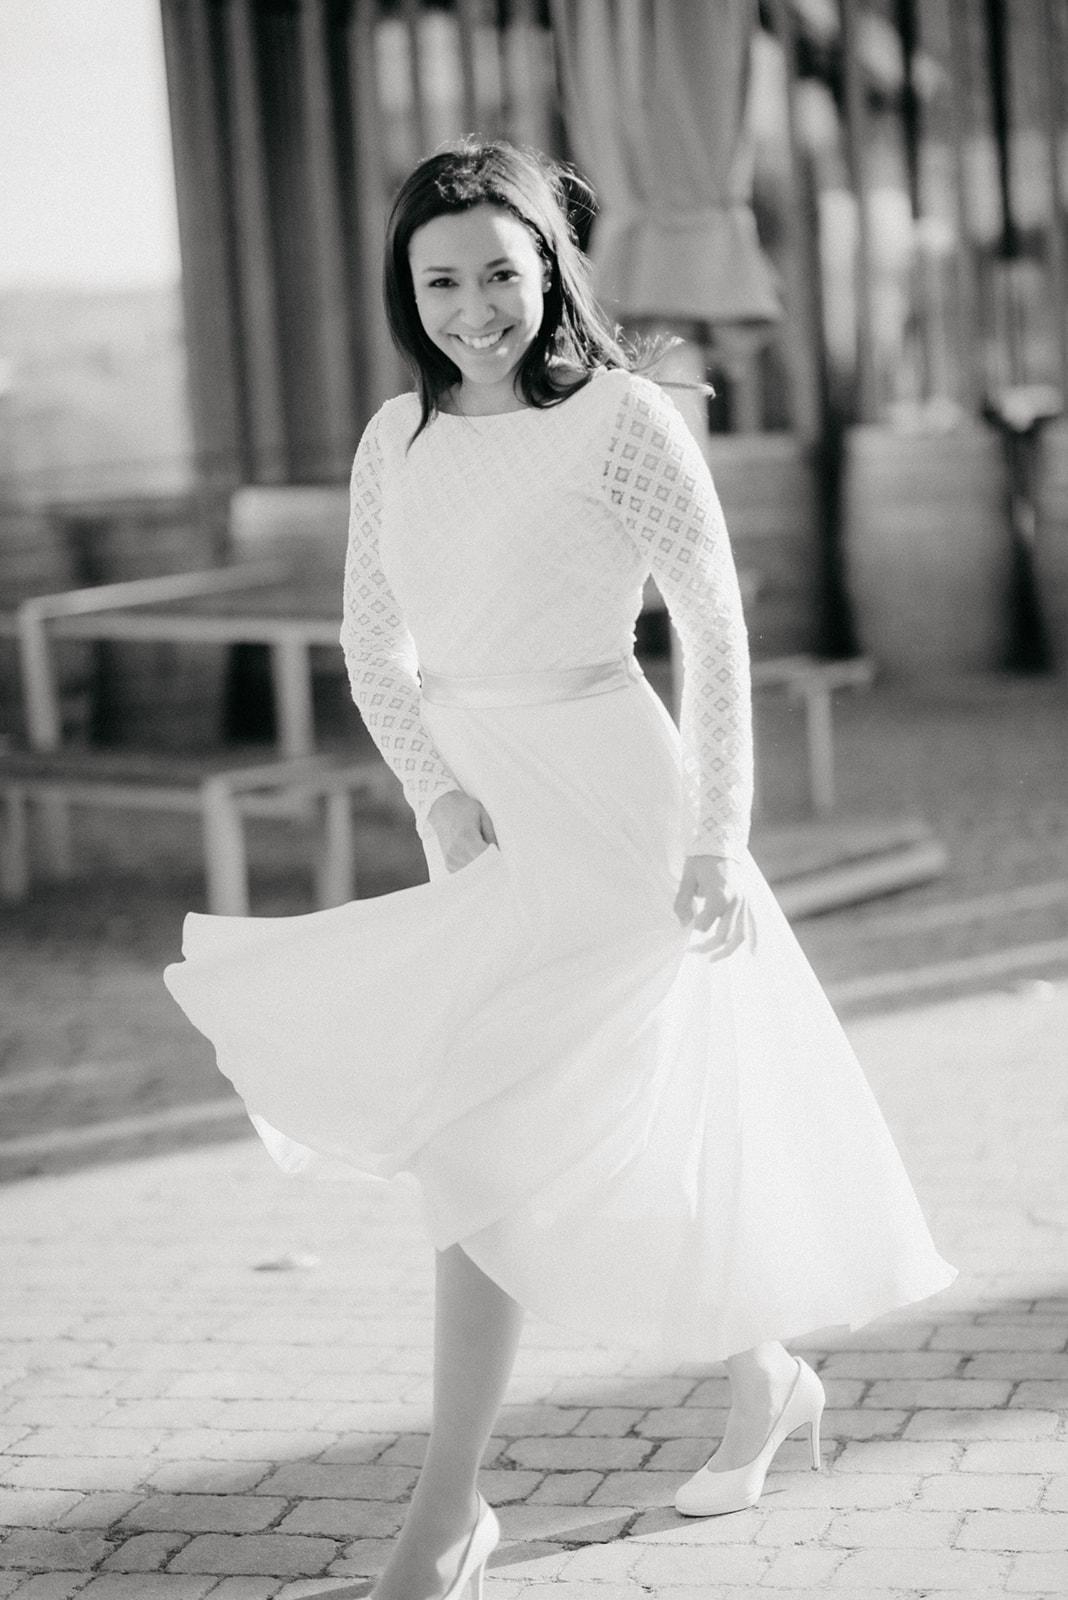 Brautkleid, zweiteilig aus Brautbody mit Spitze und wadenlangem Crêpe Rock (Foto: Florence Grandidier)